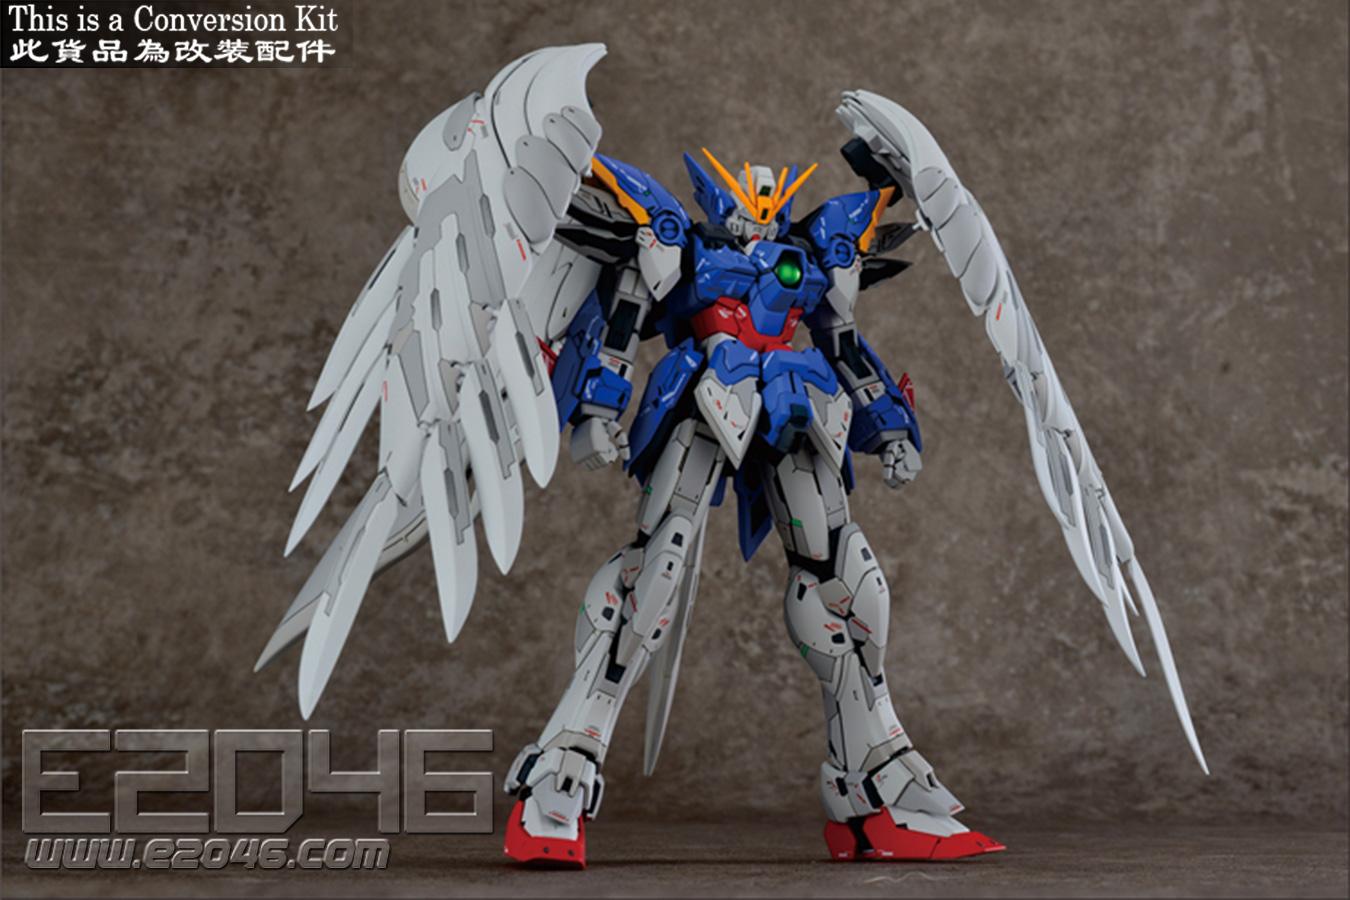 Wing Gundam Zero KA Version Conversion Kit